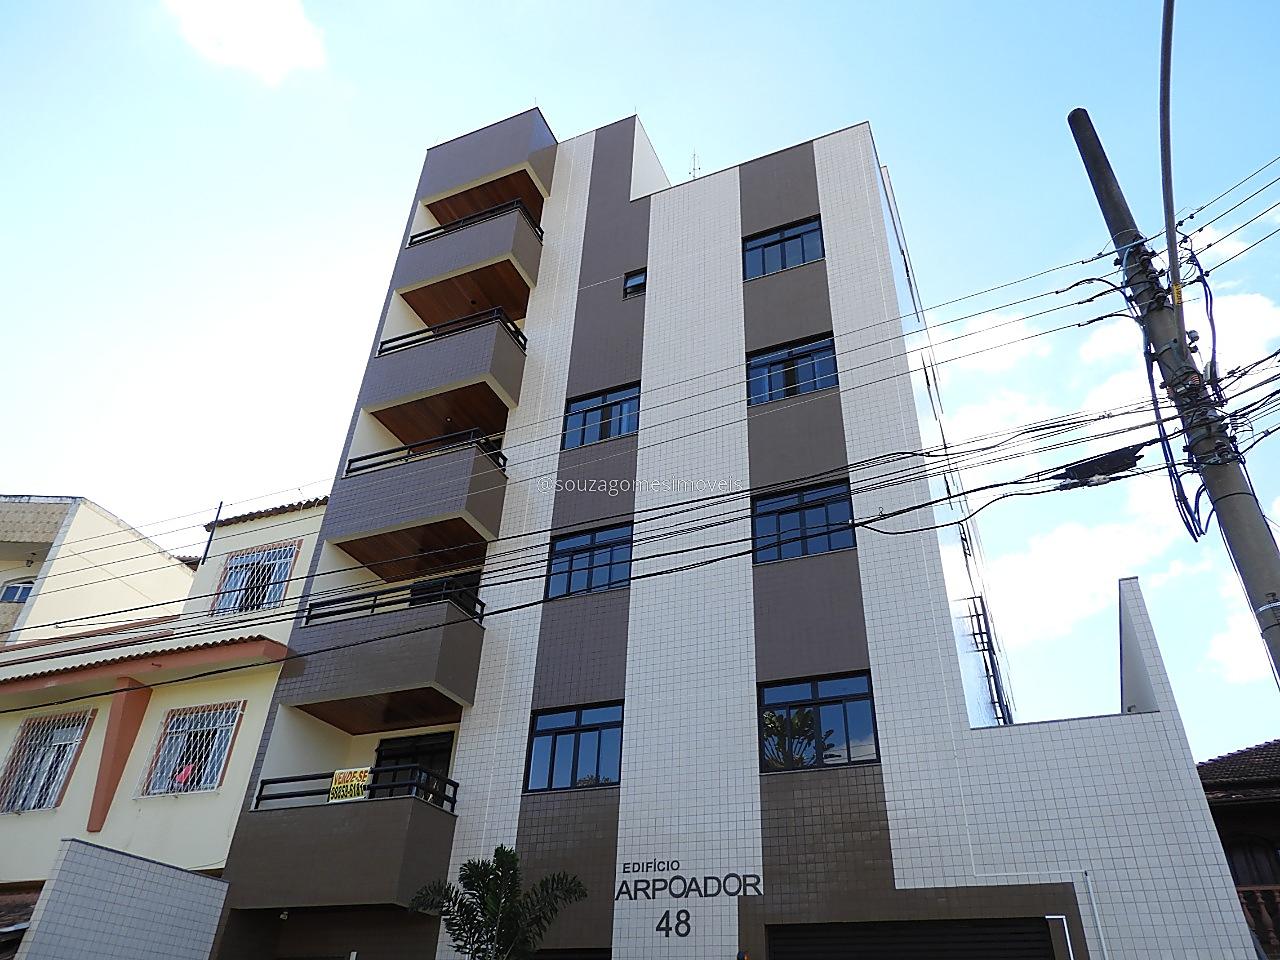 Ref.: 5127 - Cob. 3 qtos - Santa Catarina